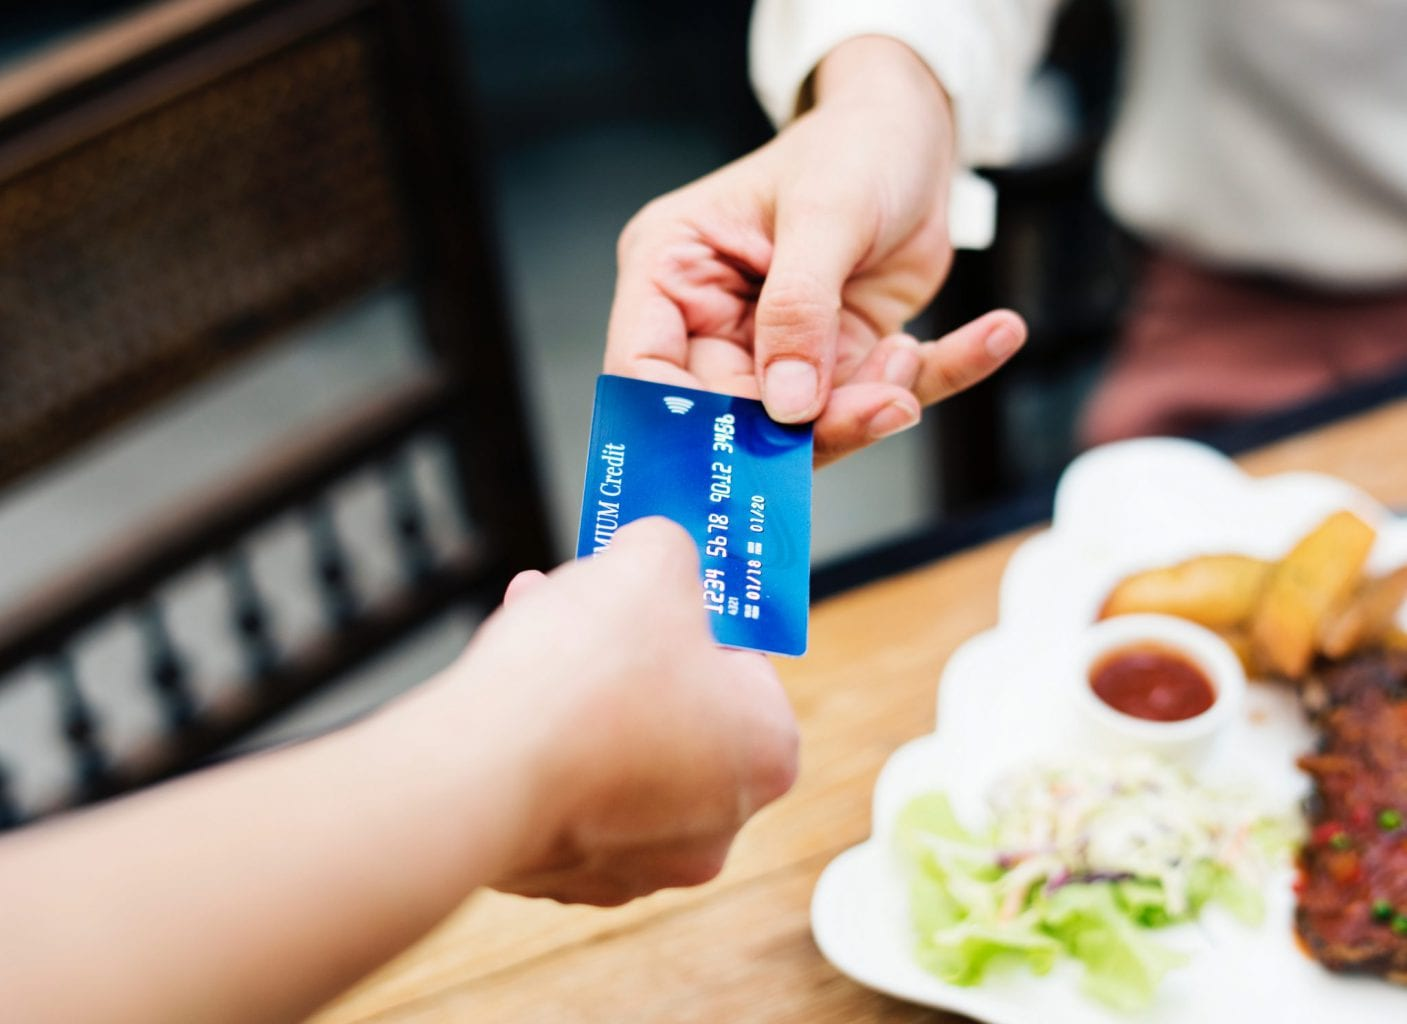 saque com o cartao de credito